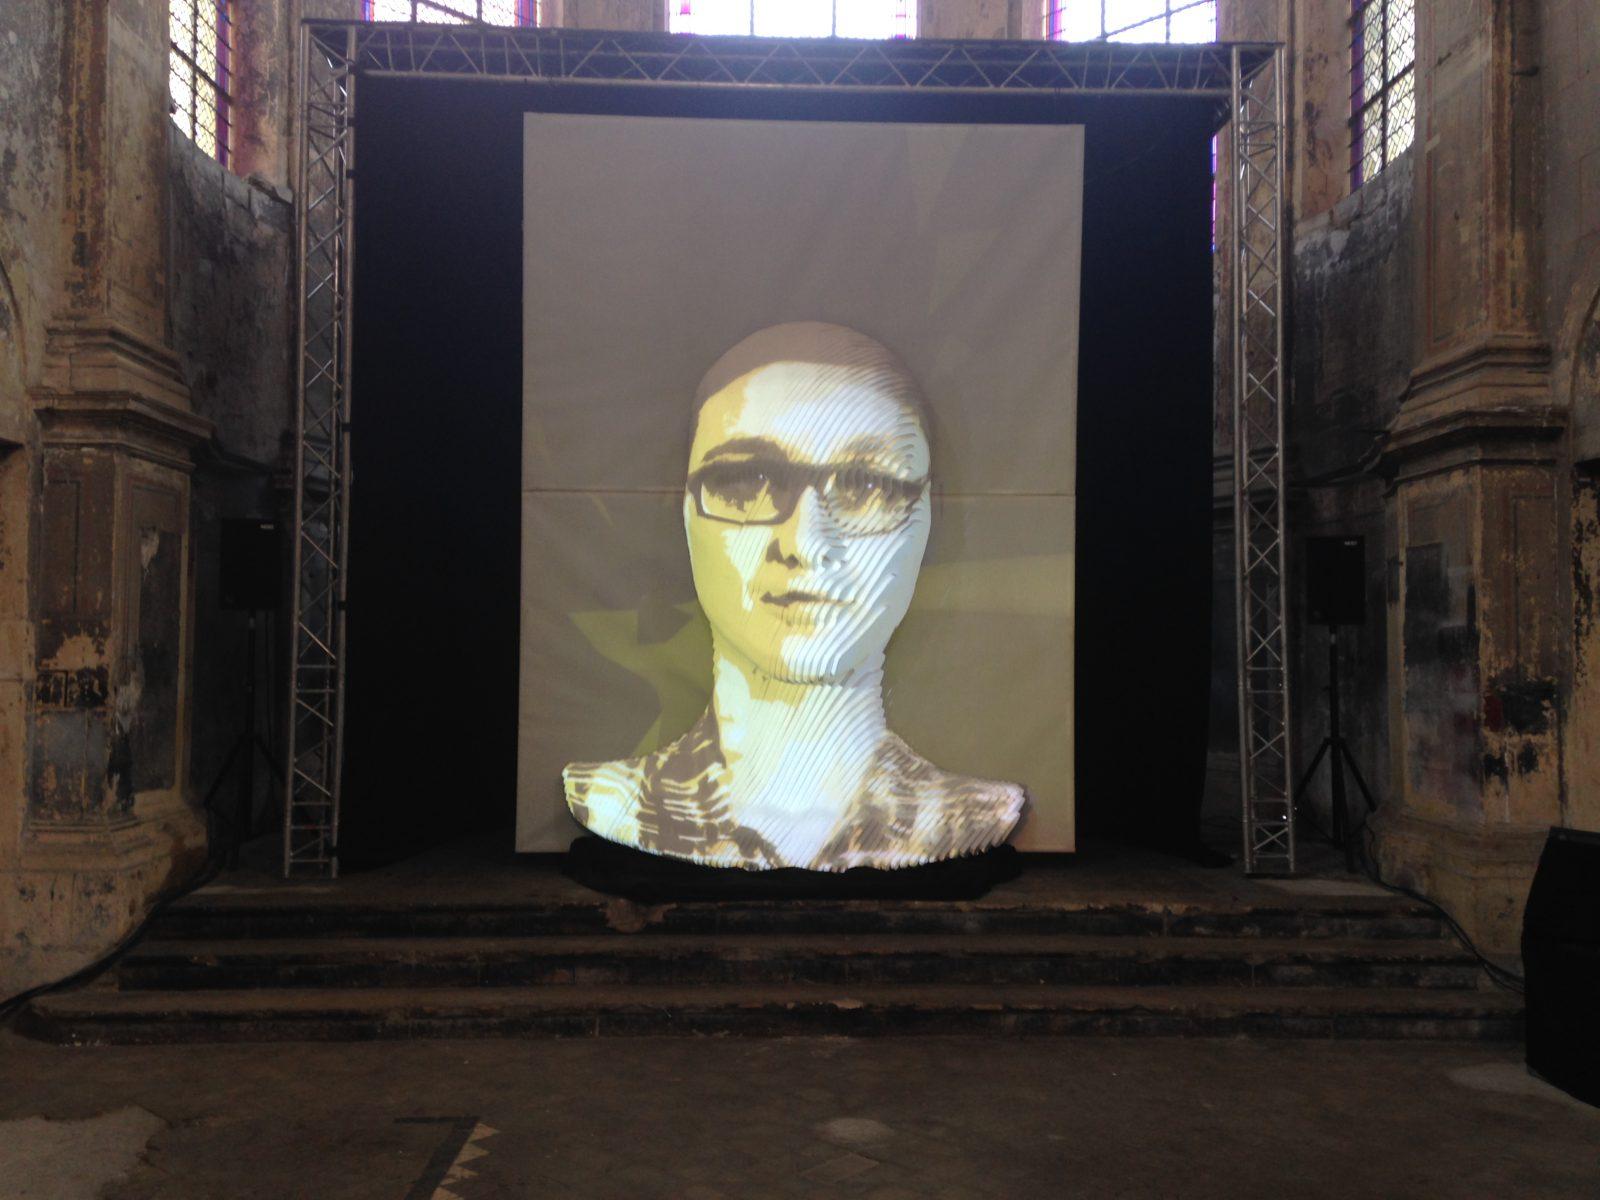 Collectif Paradigme : 57 mosellans sur une seule sculpture à Metz